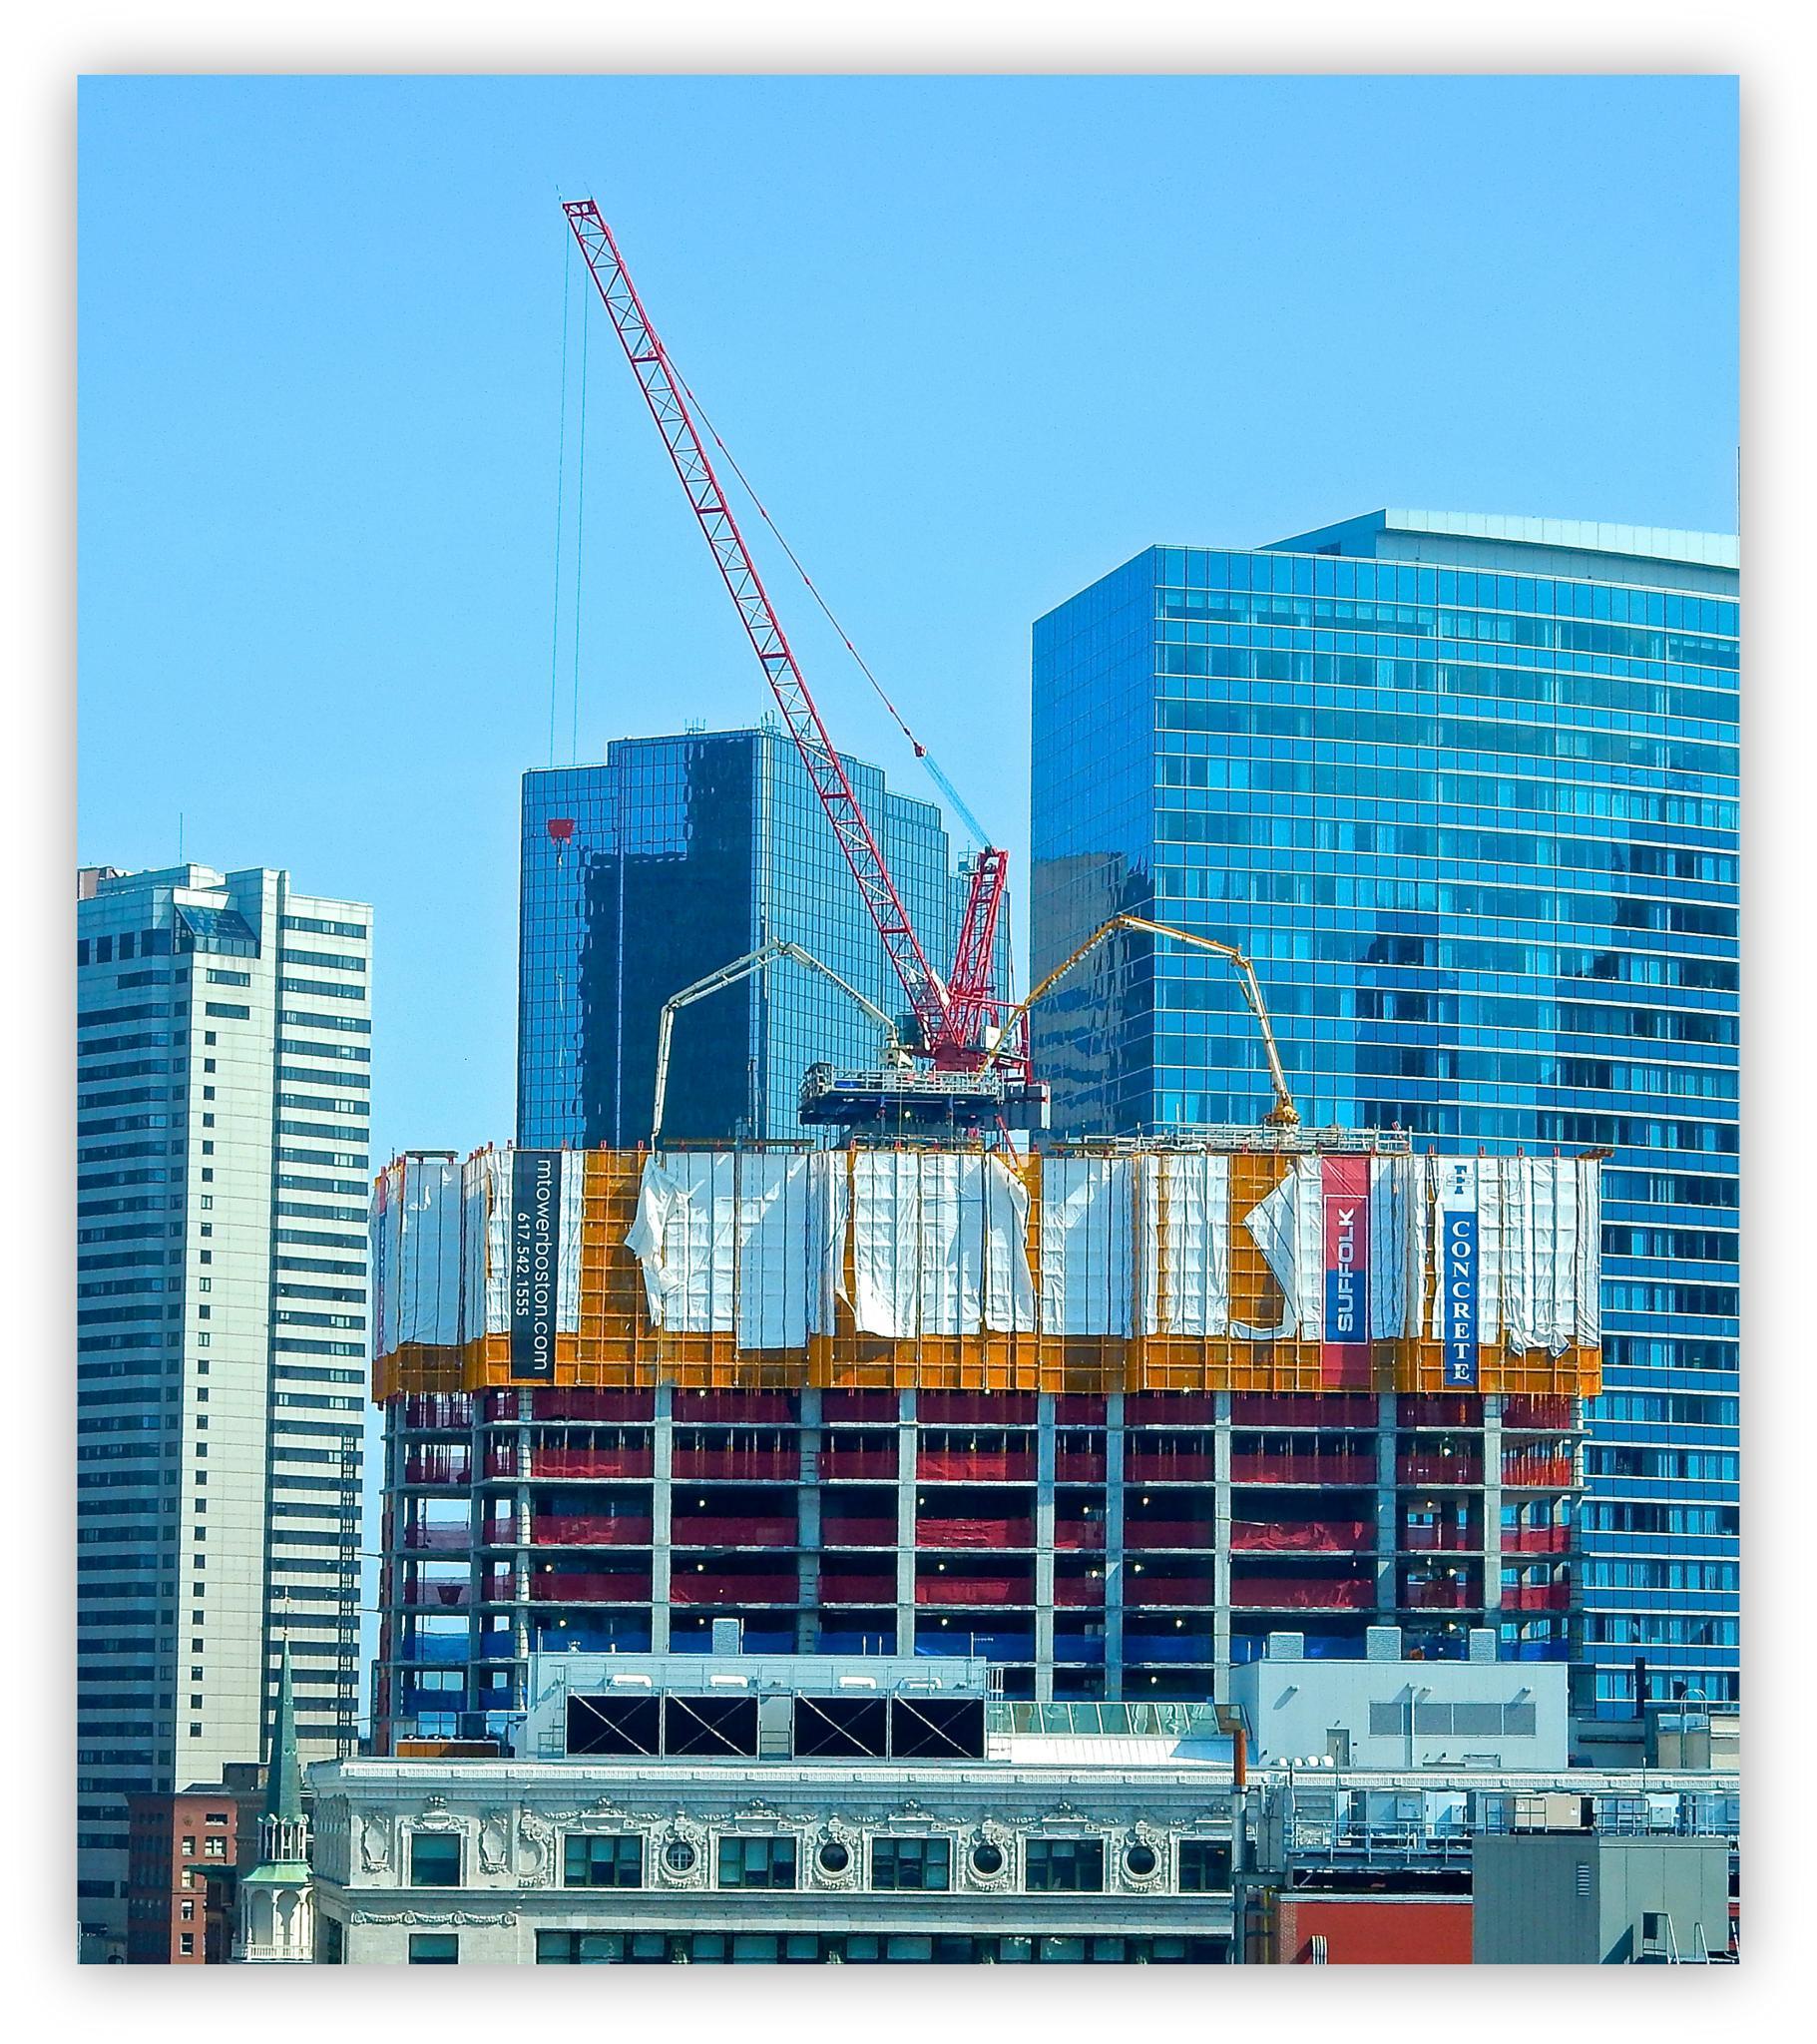 Giant Alien Spider Invades Boston Skyline! by Dana Wiehl